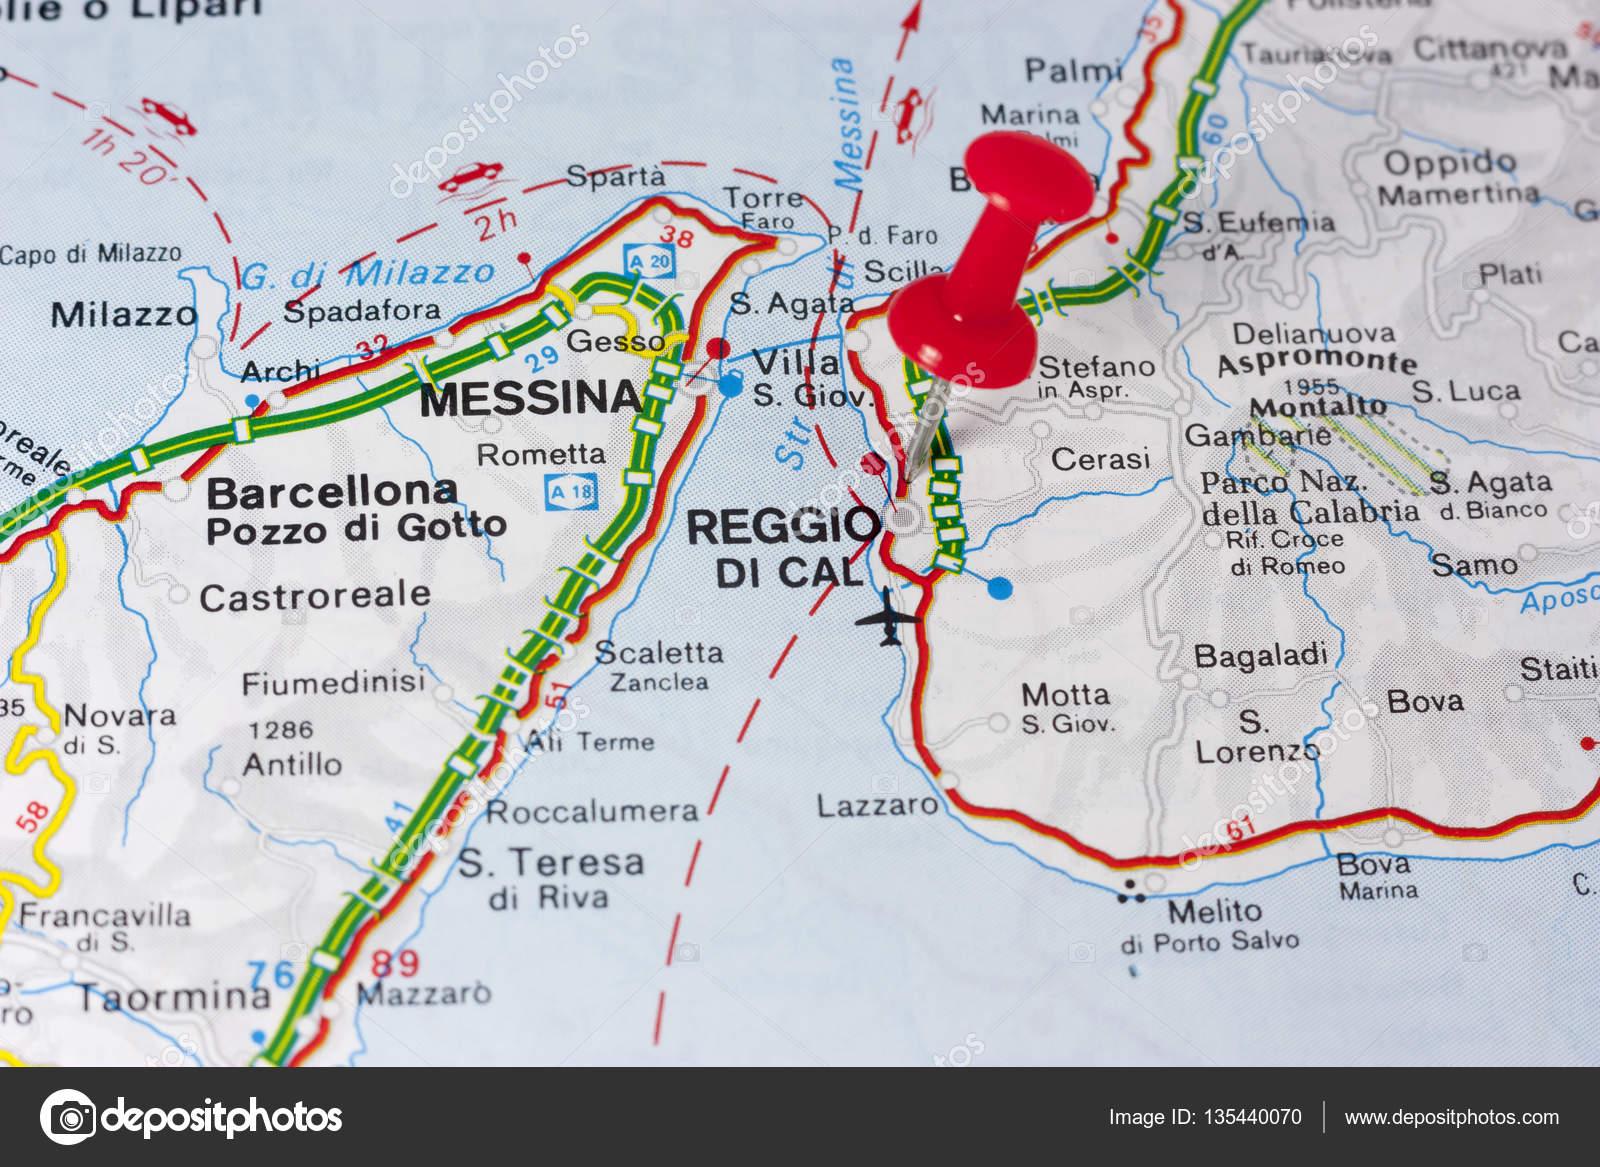 Reggio Calabria Italy On A Map Stock Photo maior 135440070